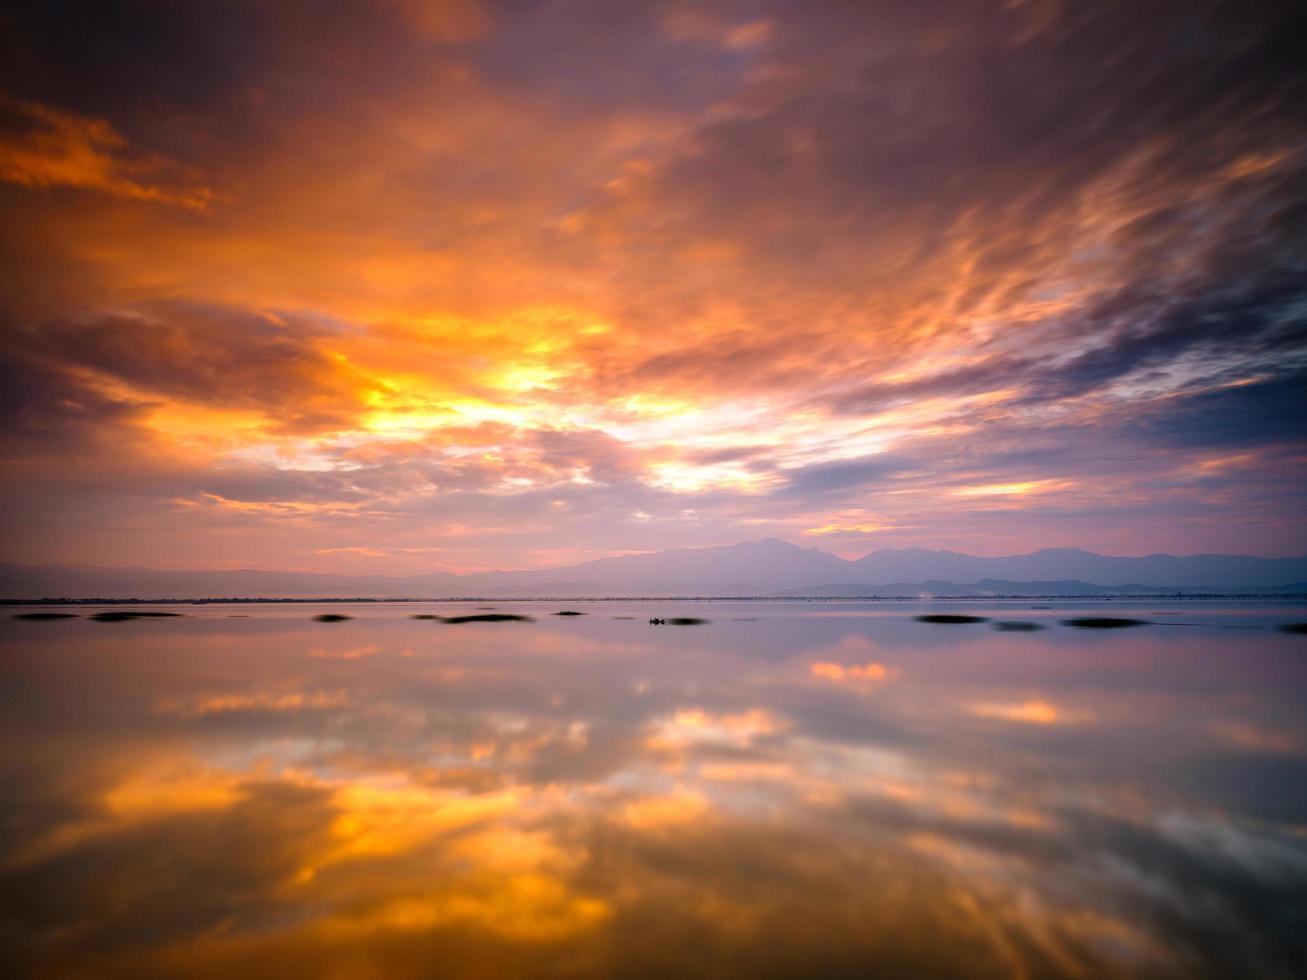 solnedgång reflekterande i stillastående vatten foto